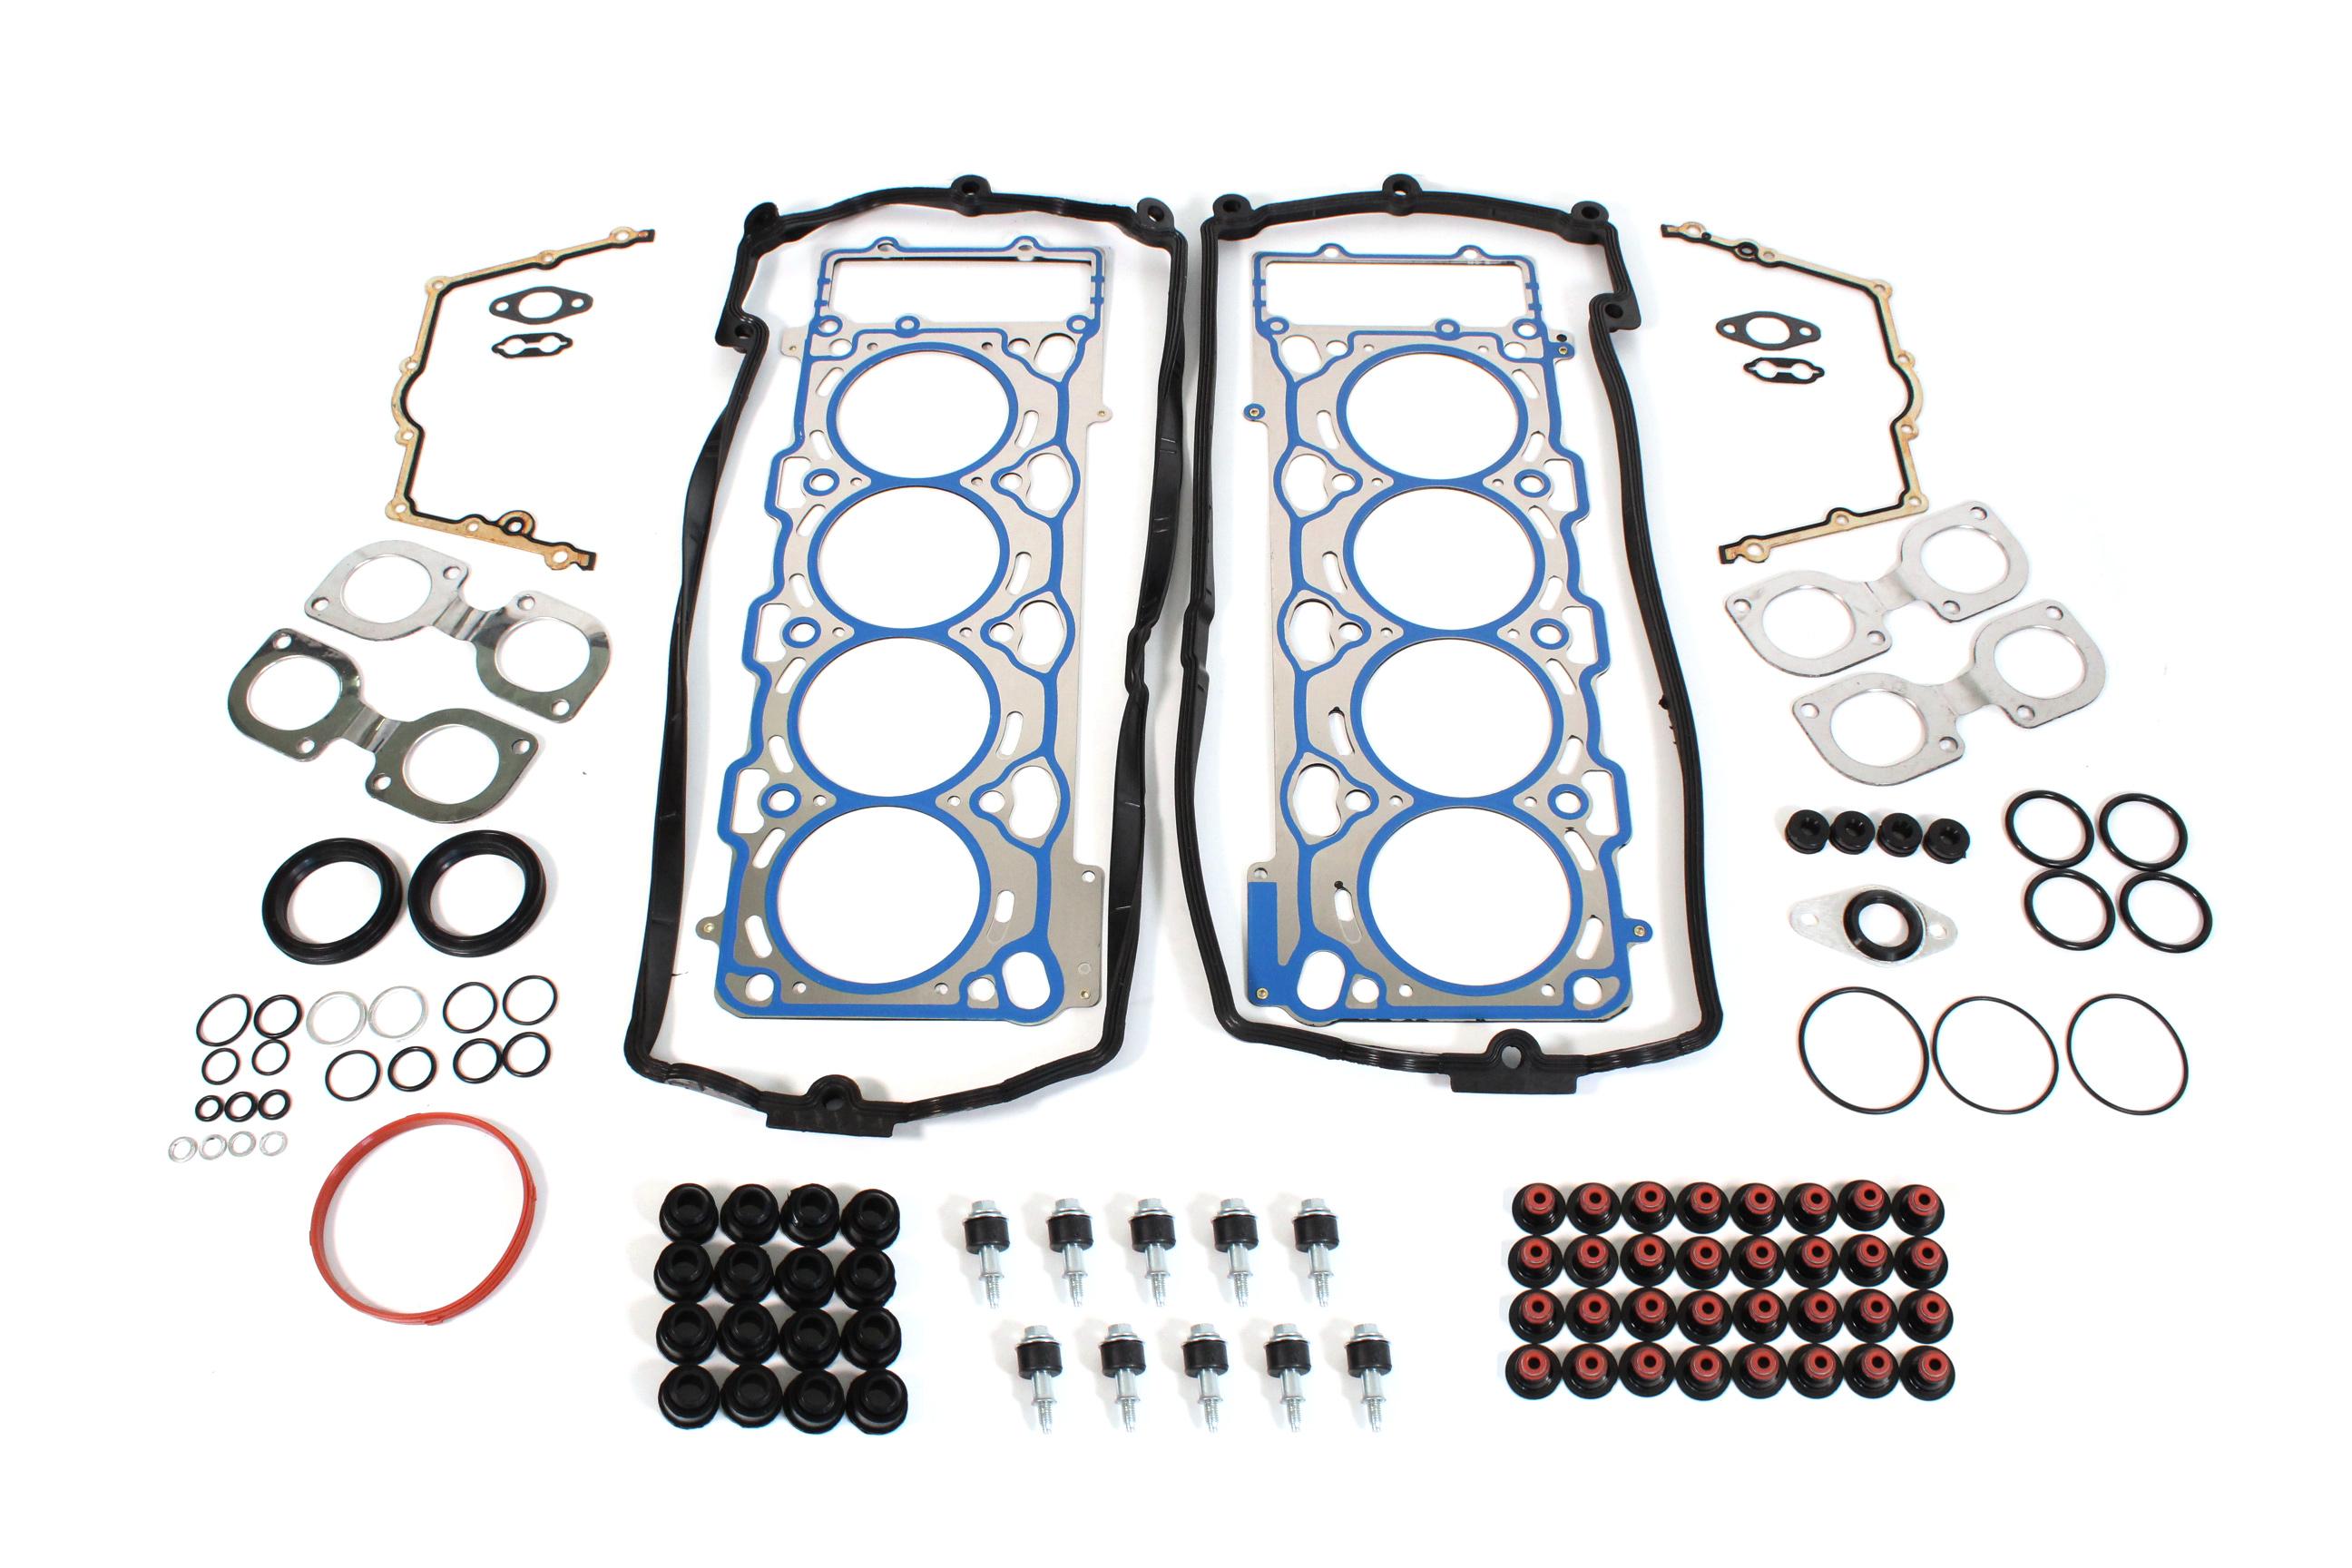 Zylinderkopfdichtung Dichtungssatz BMW 5er E60 E61 545 i 4,4 N62 N62B44A NEU